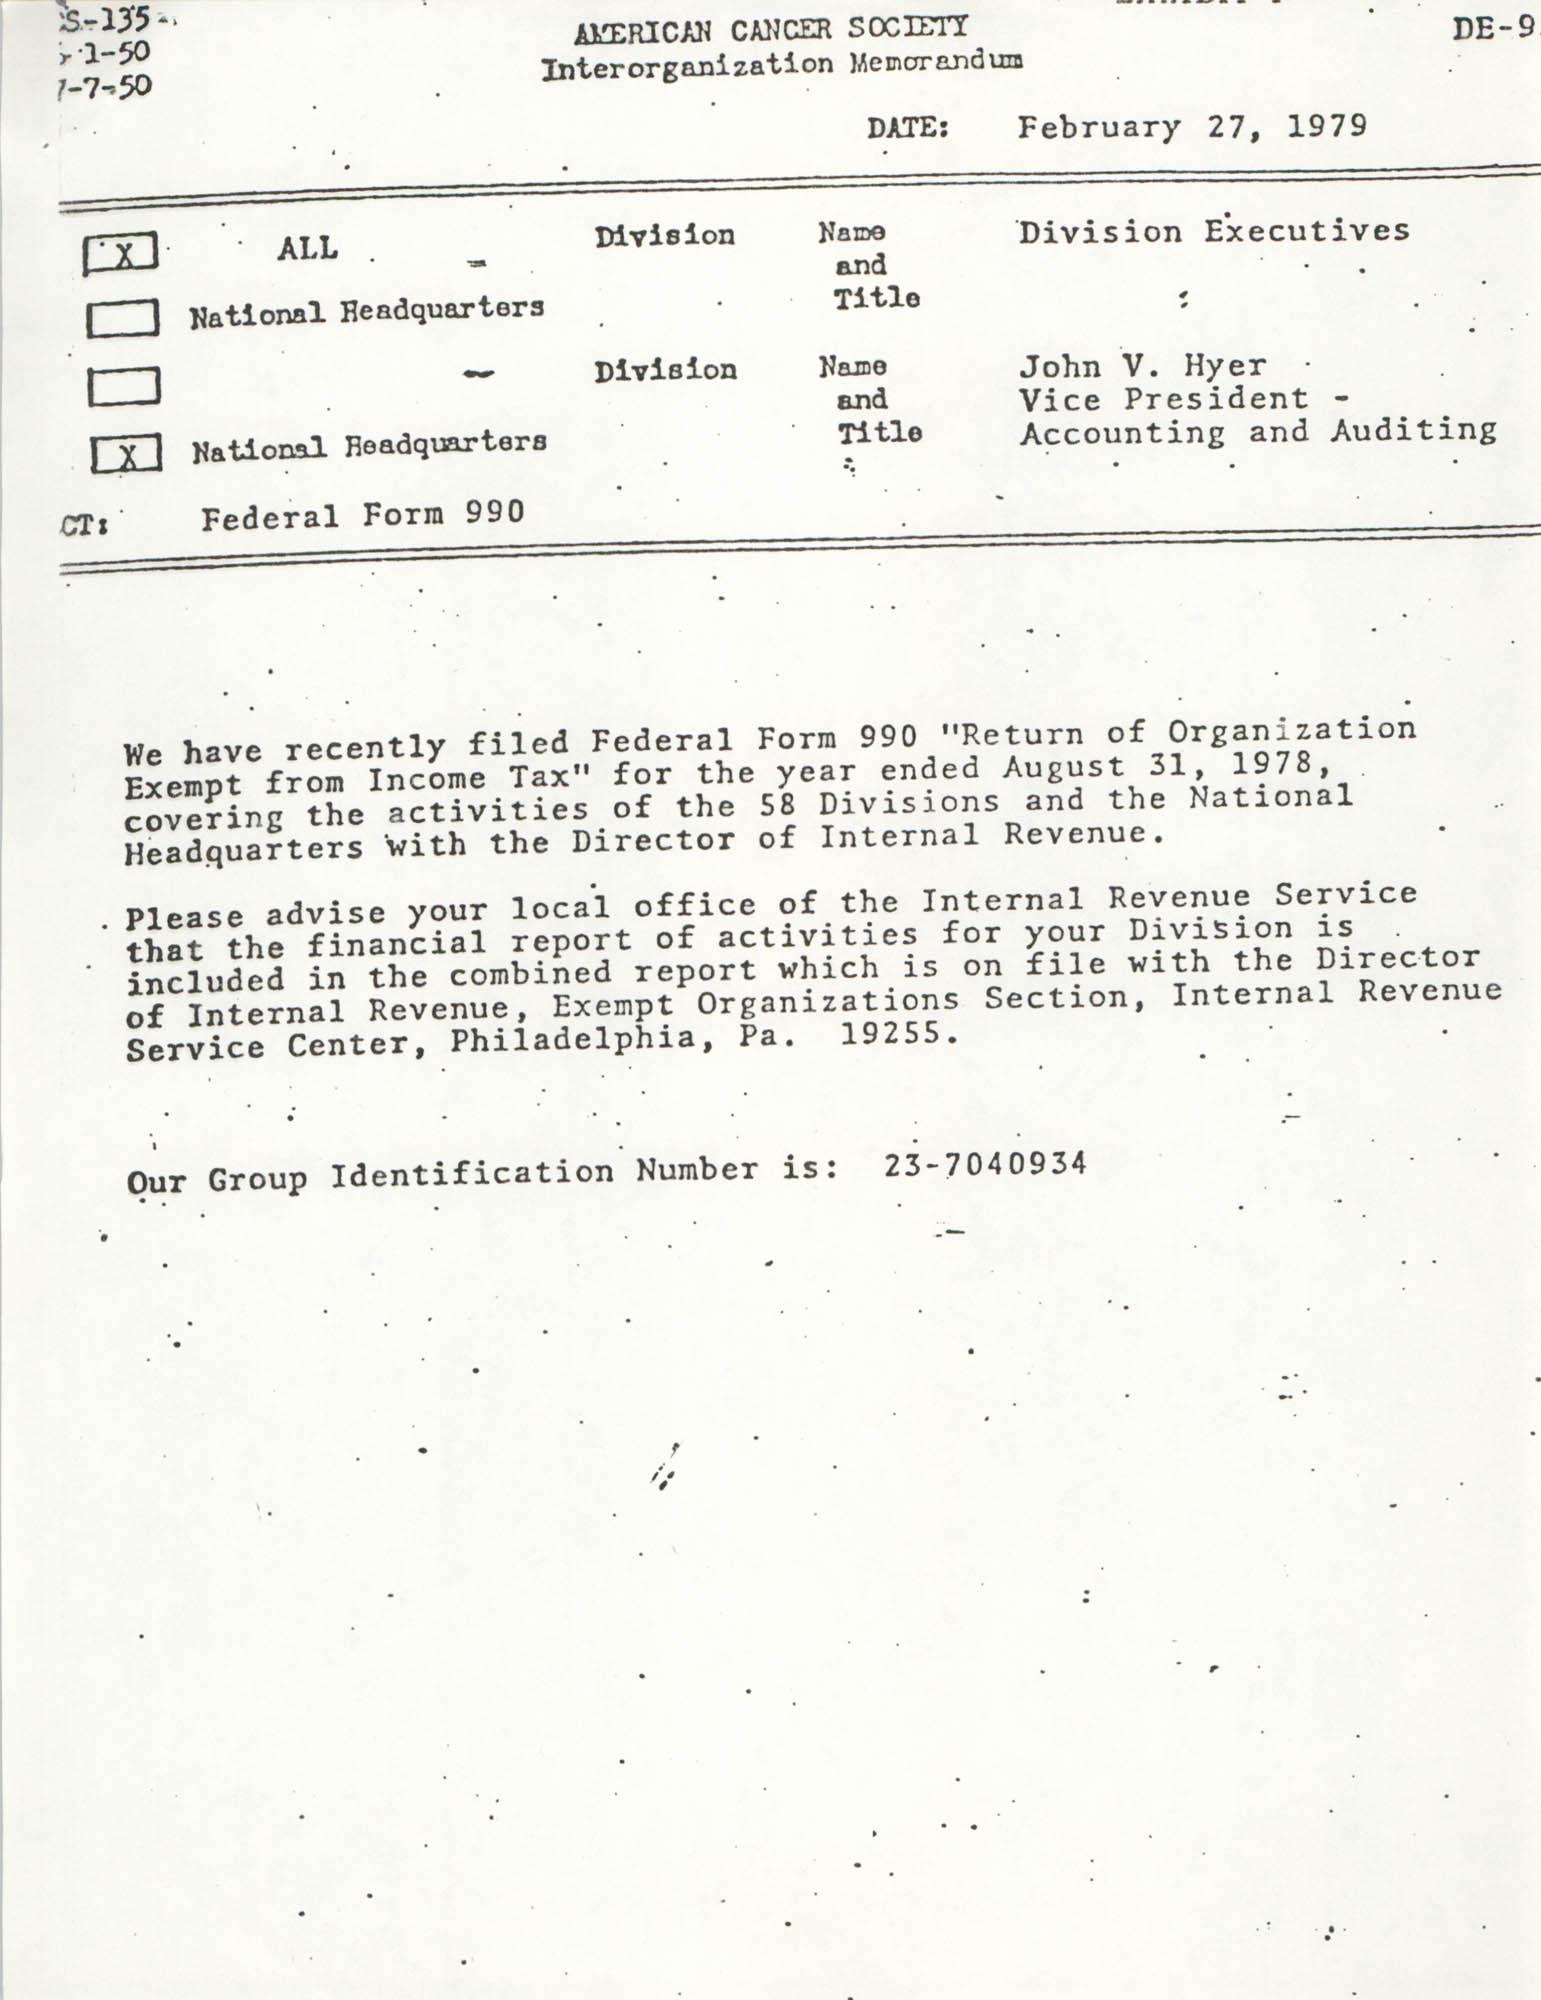 American Cancer Society Program, Federal Form 990